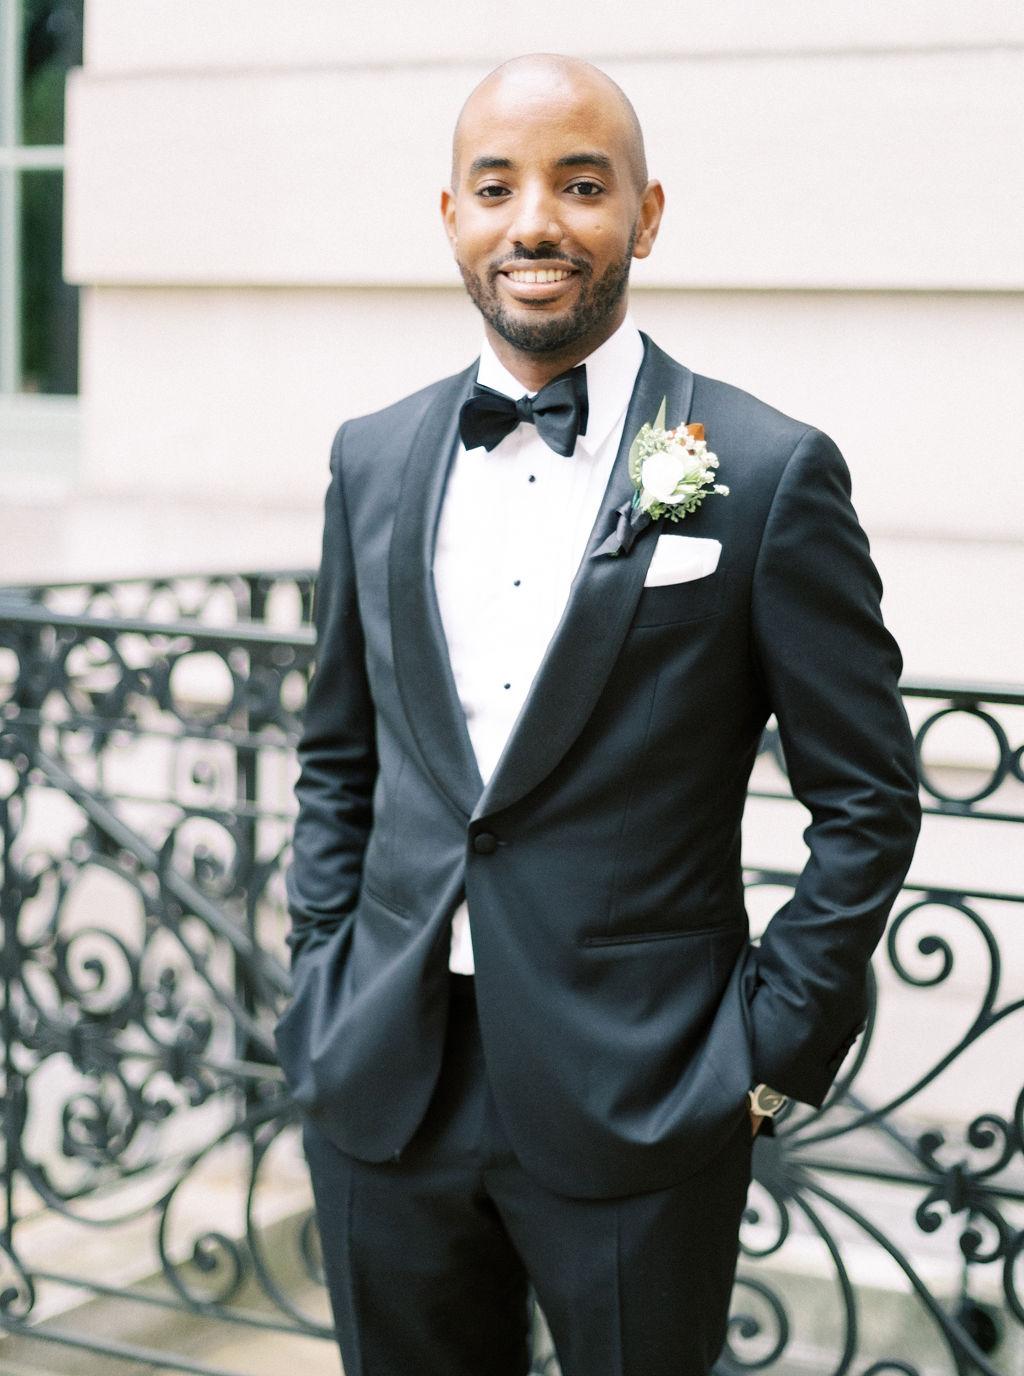 megan henock wedding groom portrait in front of fence